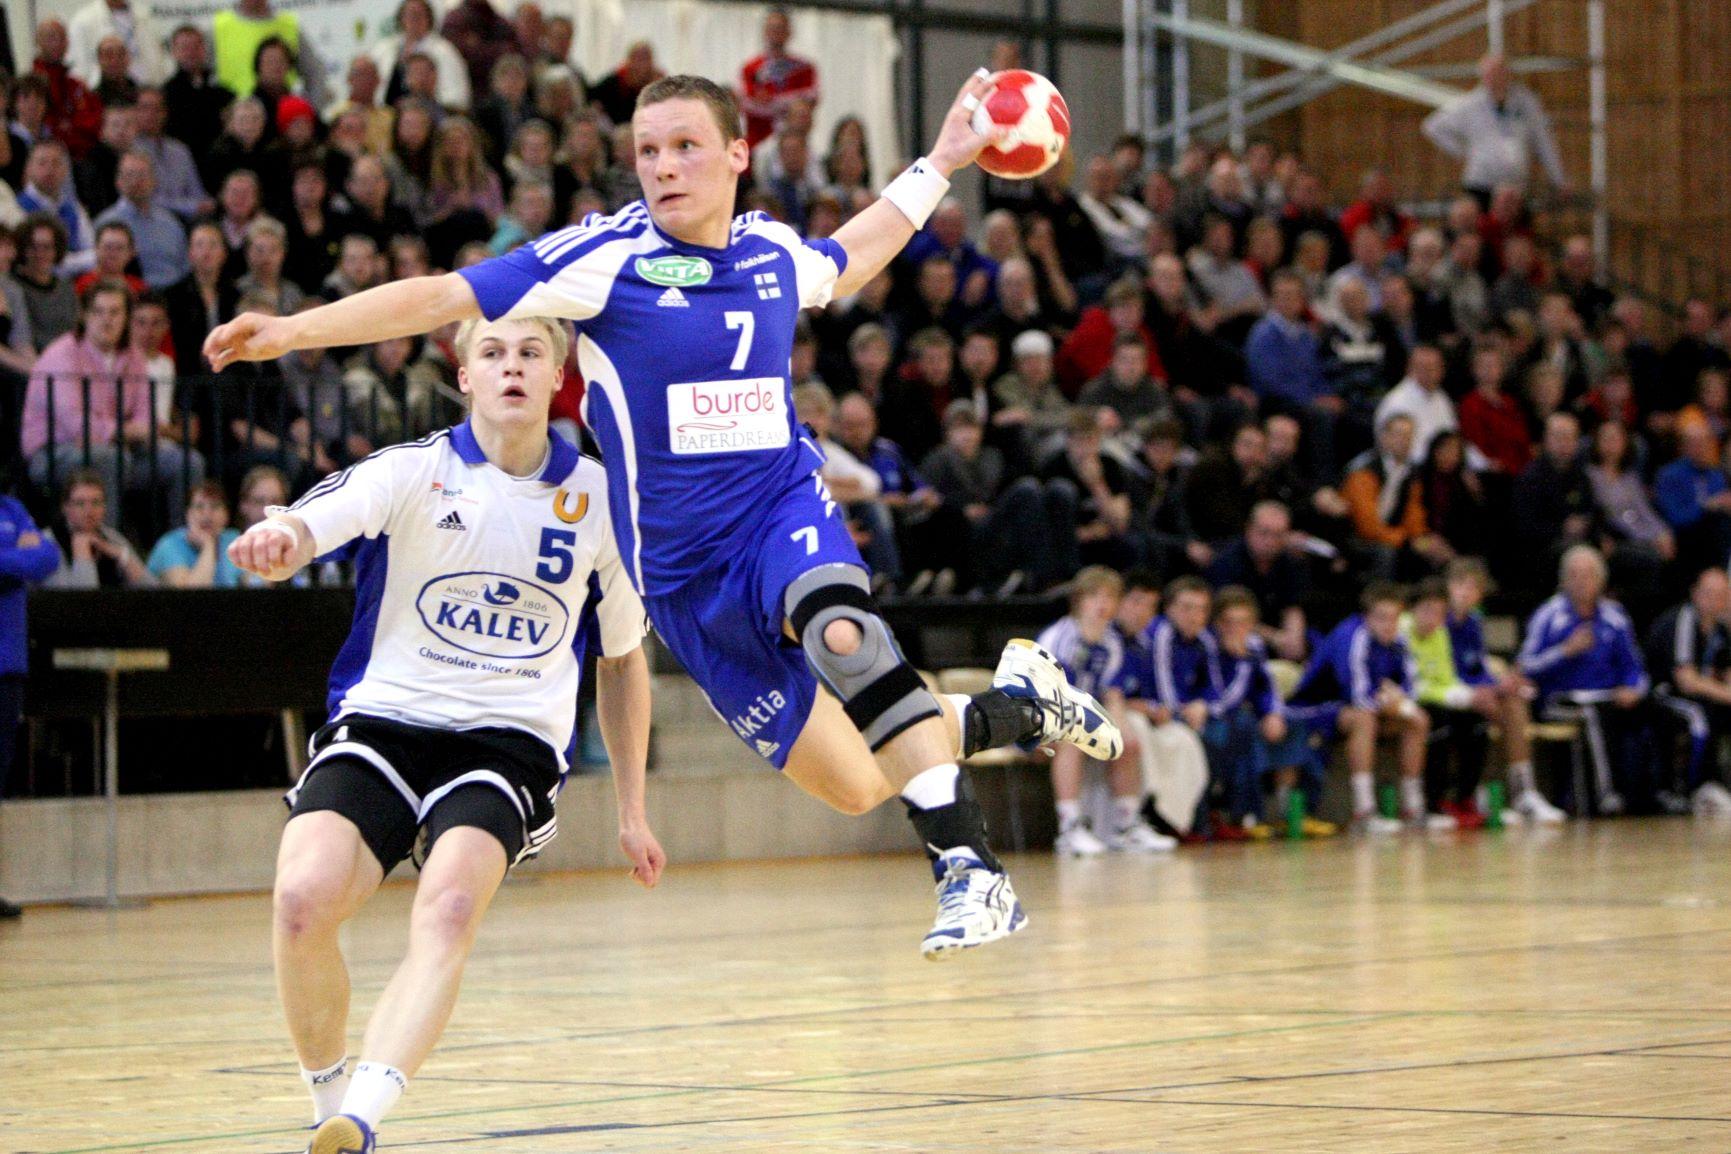 Käsipalloilija ilmassa heittämässä palloa